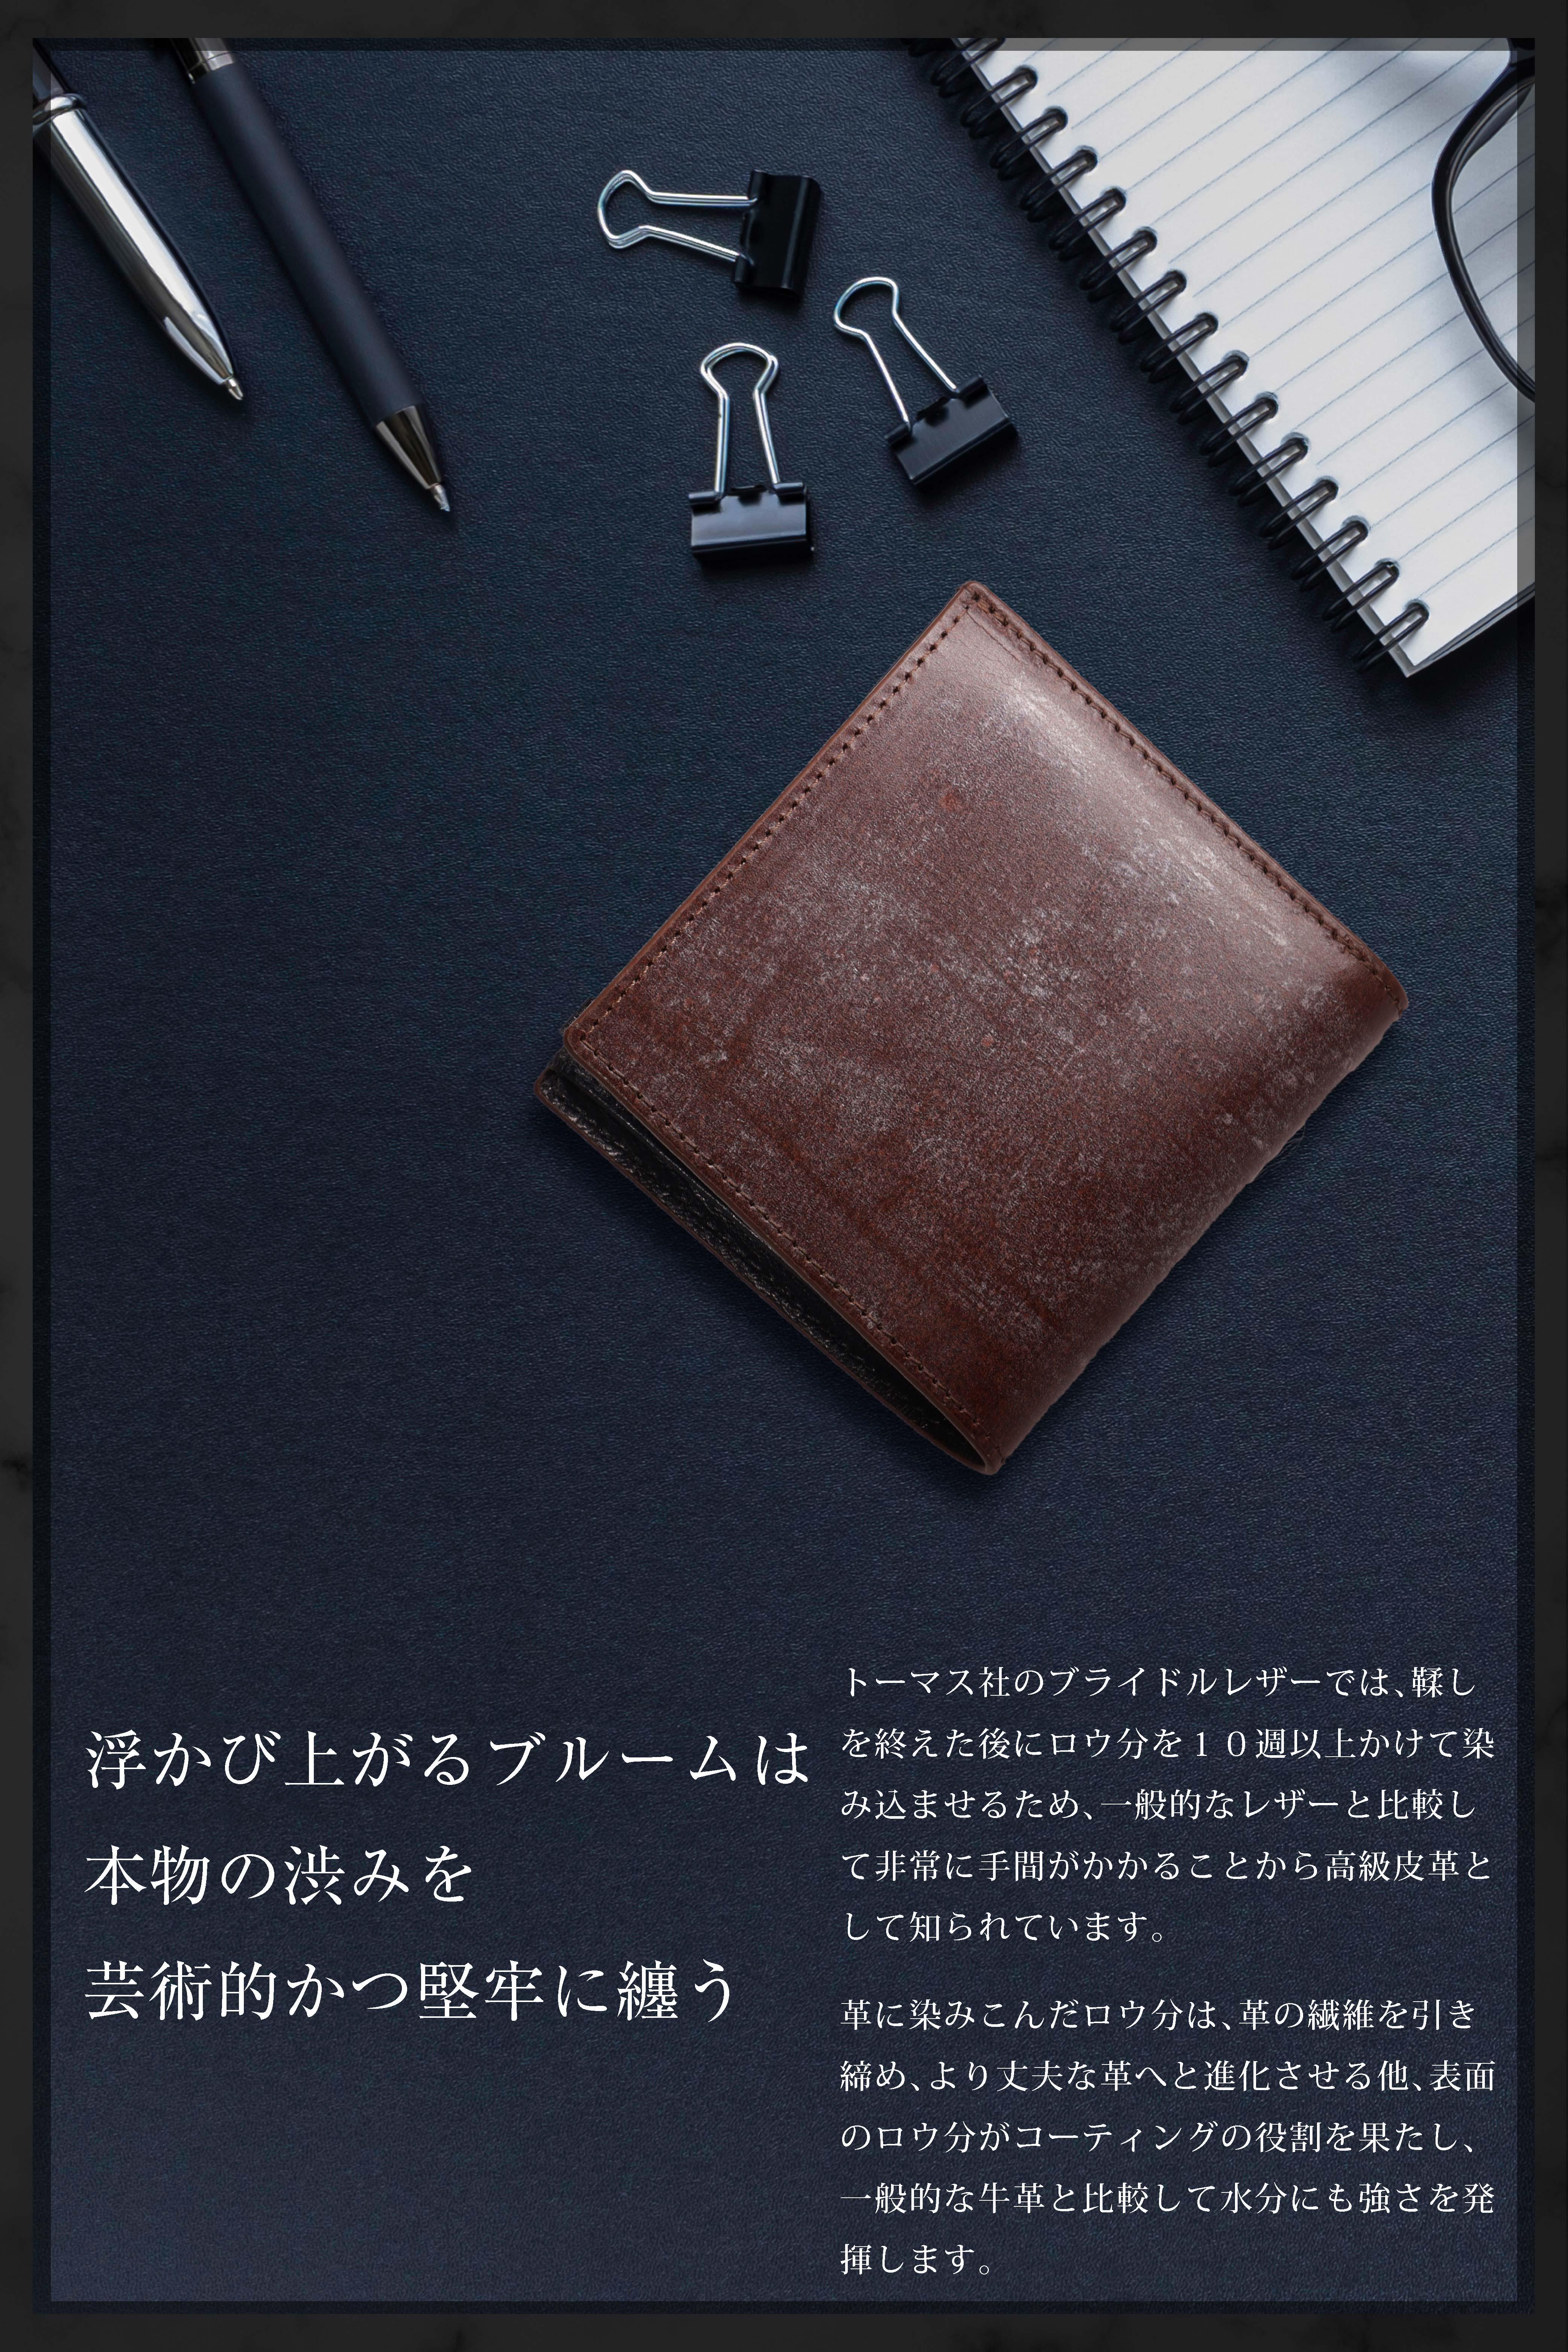 ブライドルレザー ミニ財布